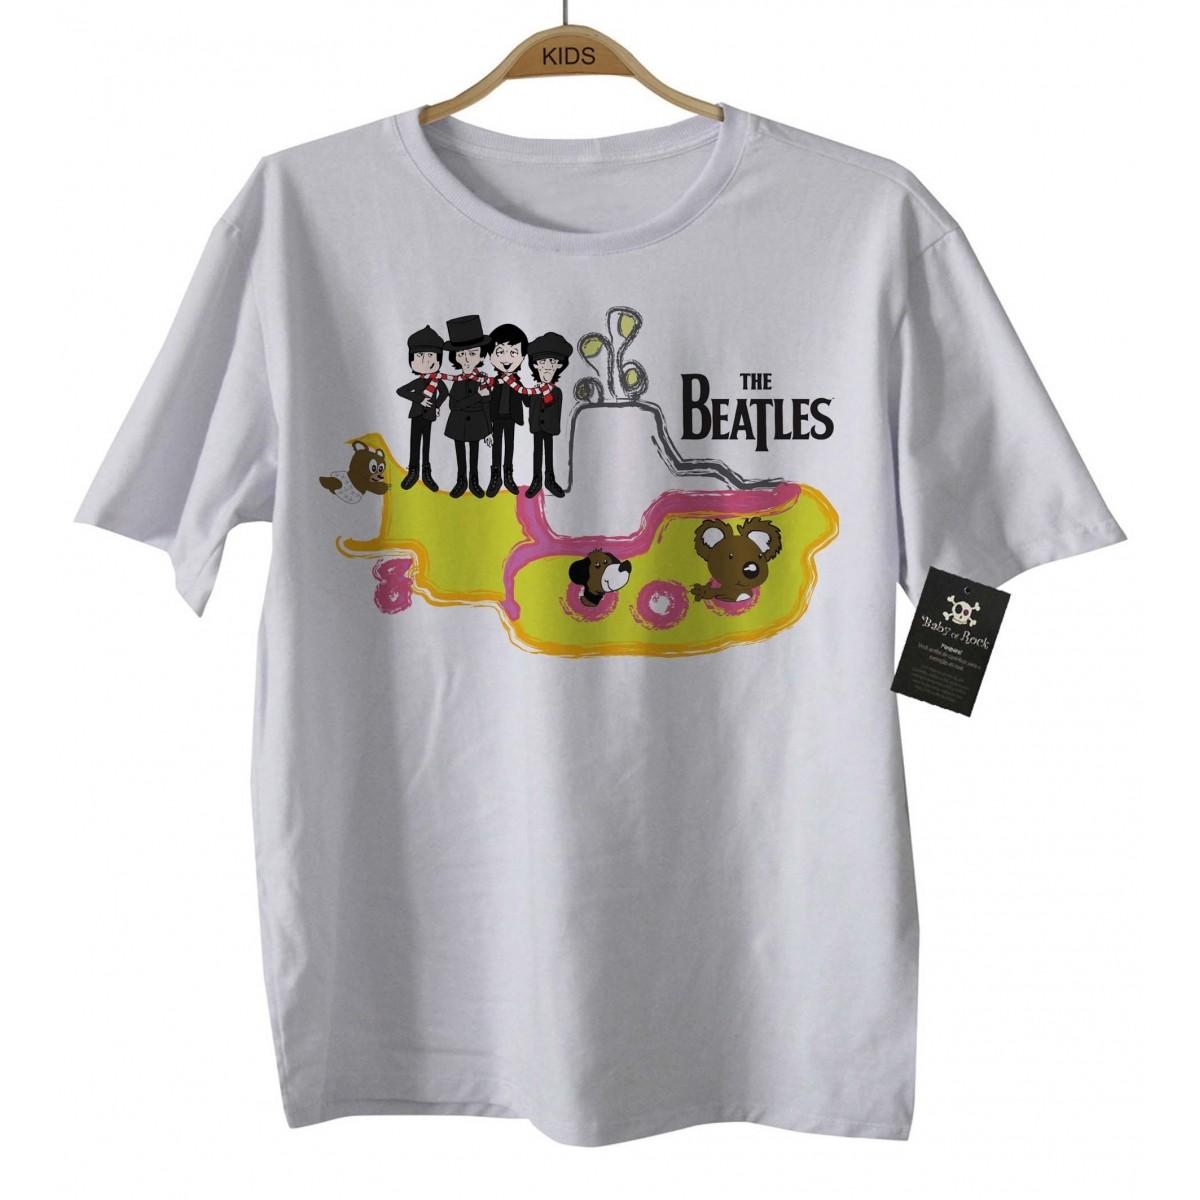 Camiseta  Infantil Beatles - Submarino D - White  - Baby Monster S/A